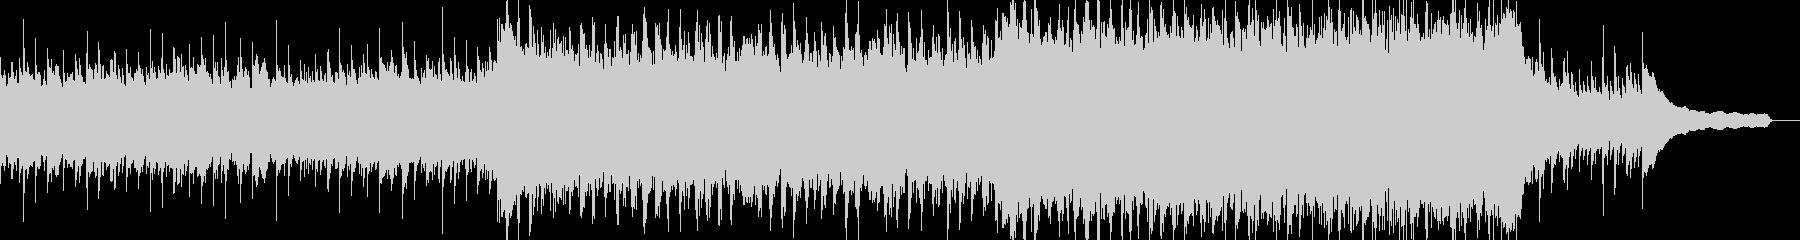 企業VPや映像42、壮大、オーケストラbの未再生の波形